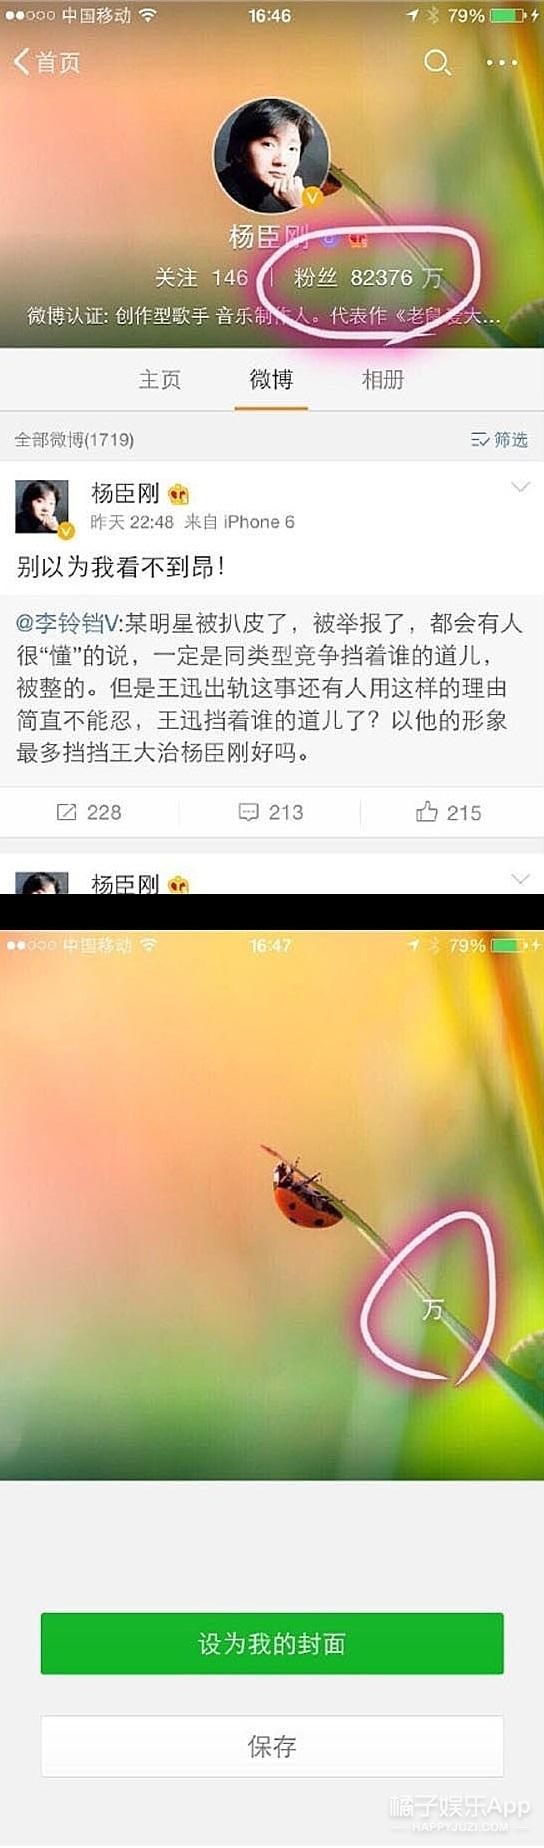 娱乐小报 | 麦姐过生日帅哥满地 李晨范冰冰狂虐单身狗